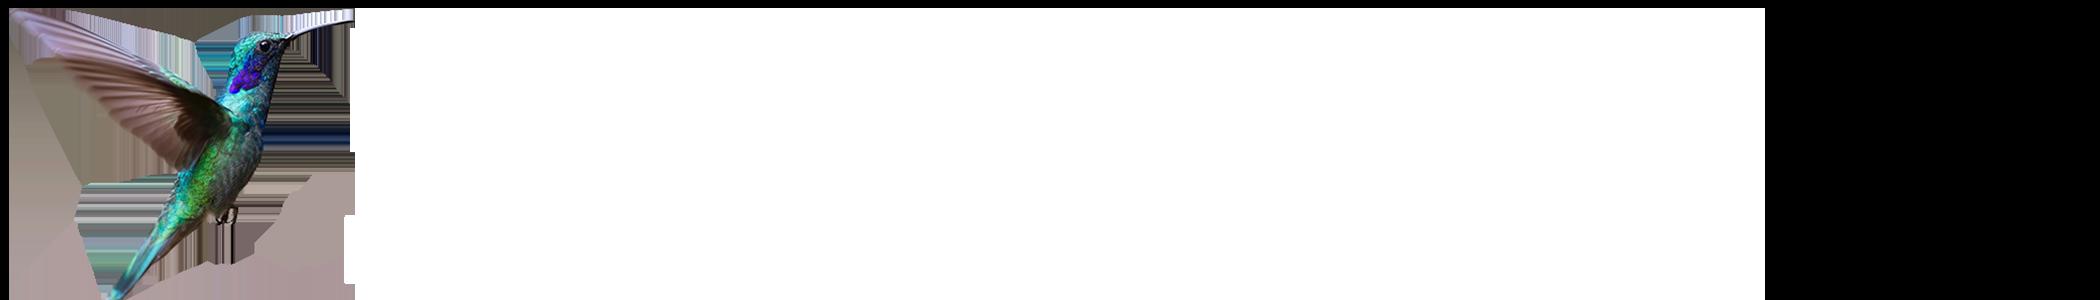 KatieKalin